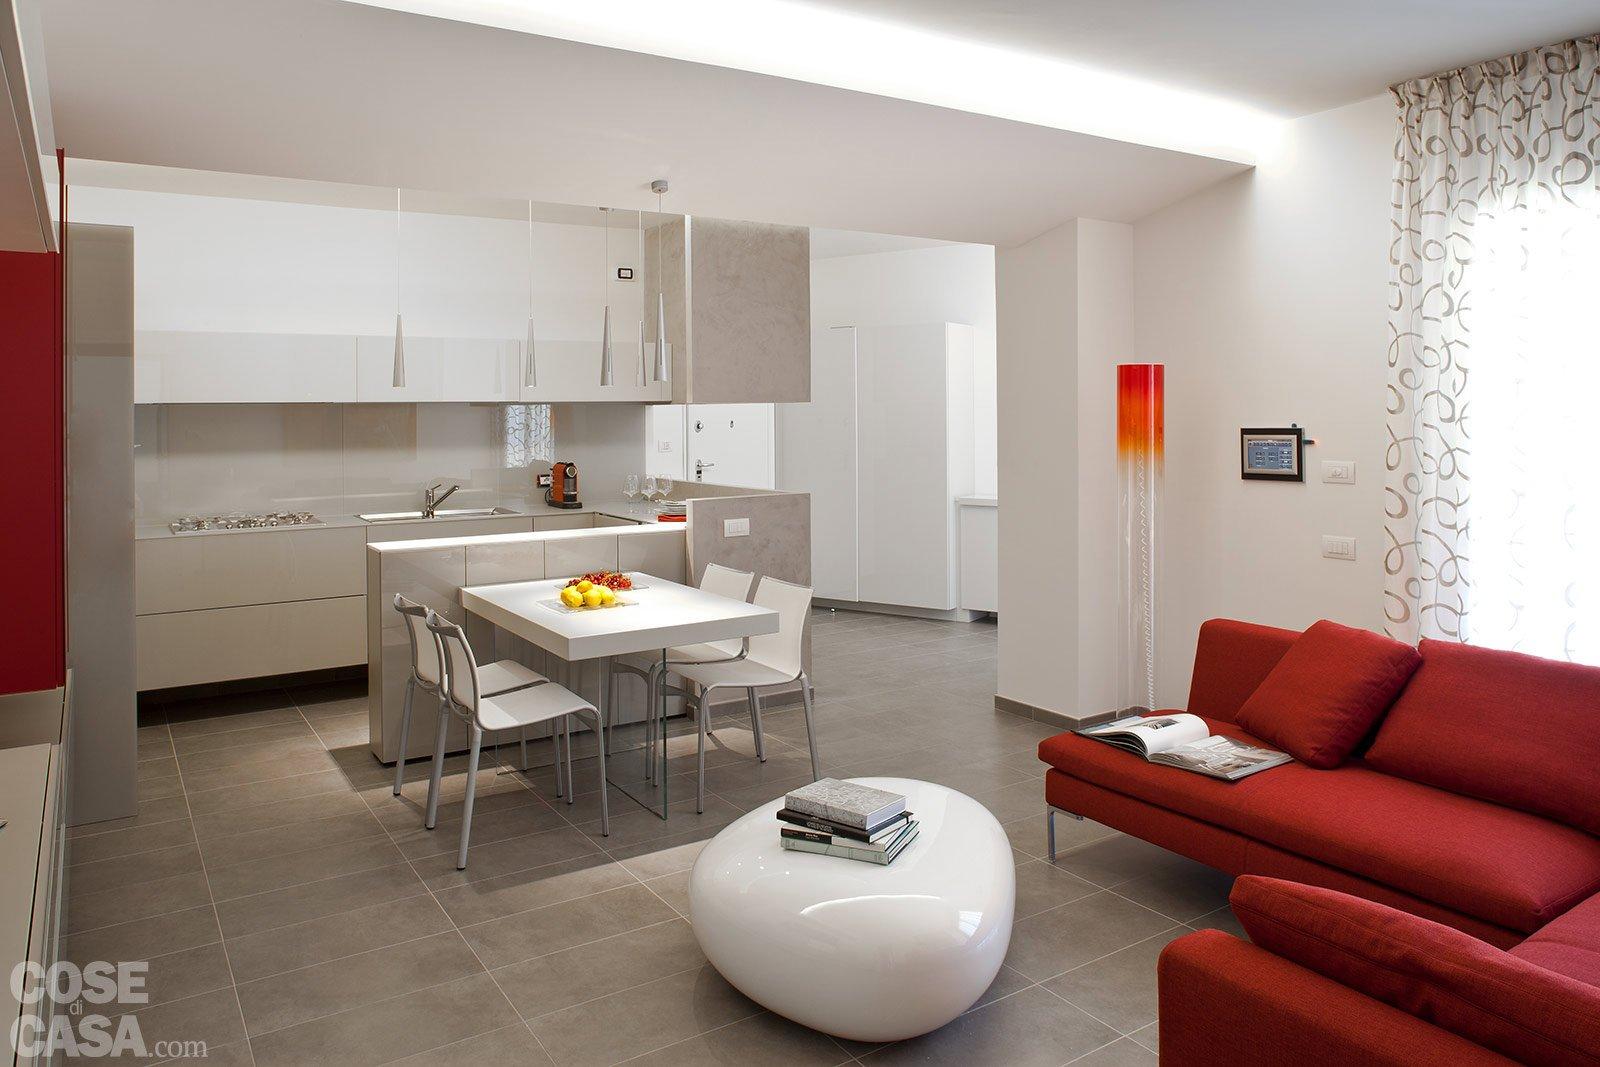 85 mq una casa per una famiglia giovane cose di casa for Piani di casa con passaggi e stanze segrete